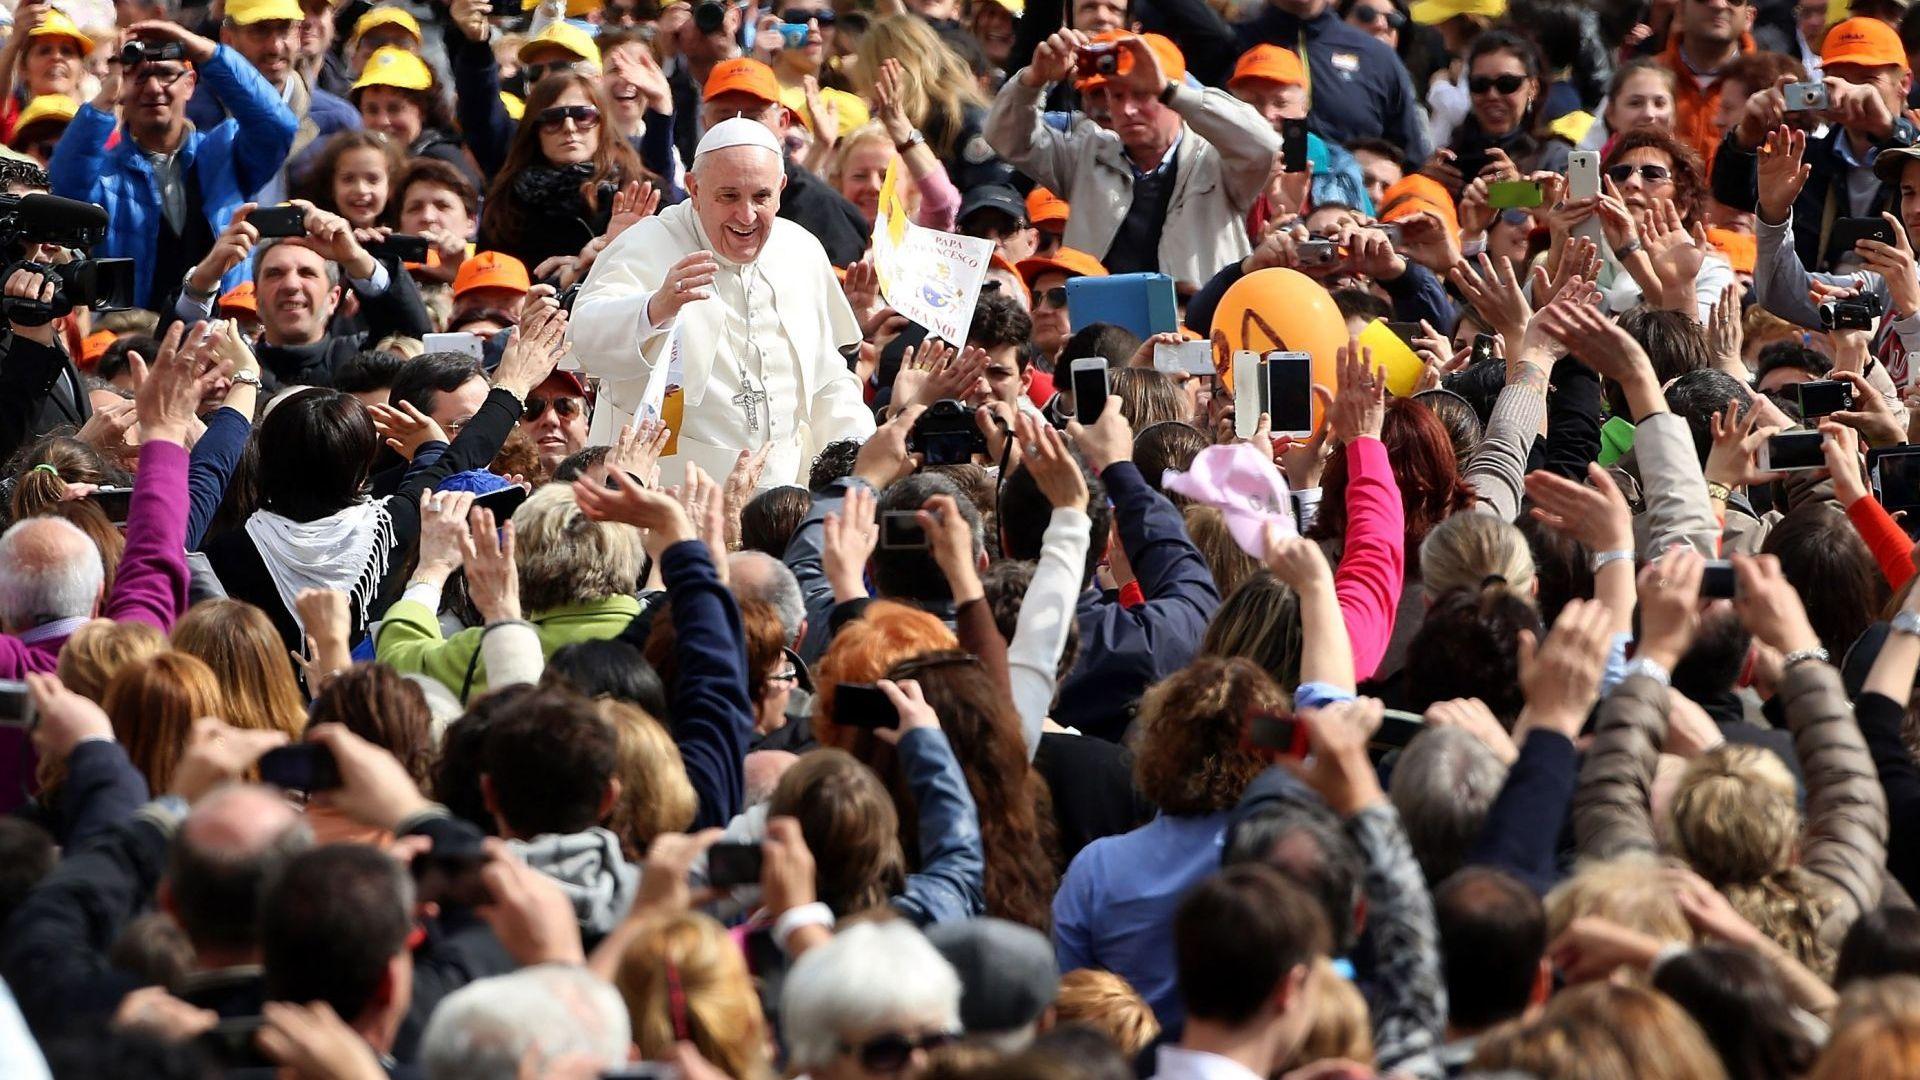 Папа Франциск пристига на тридневно апостолическо пътуване в България. Днес